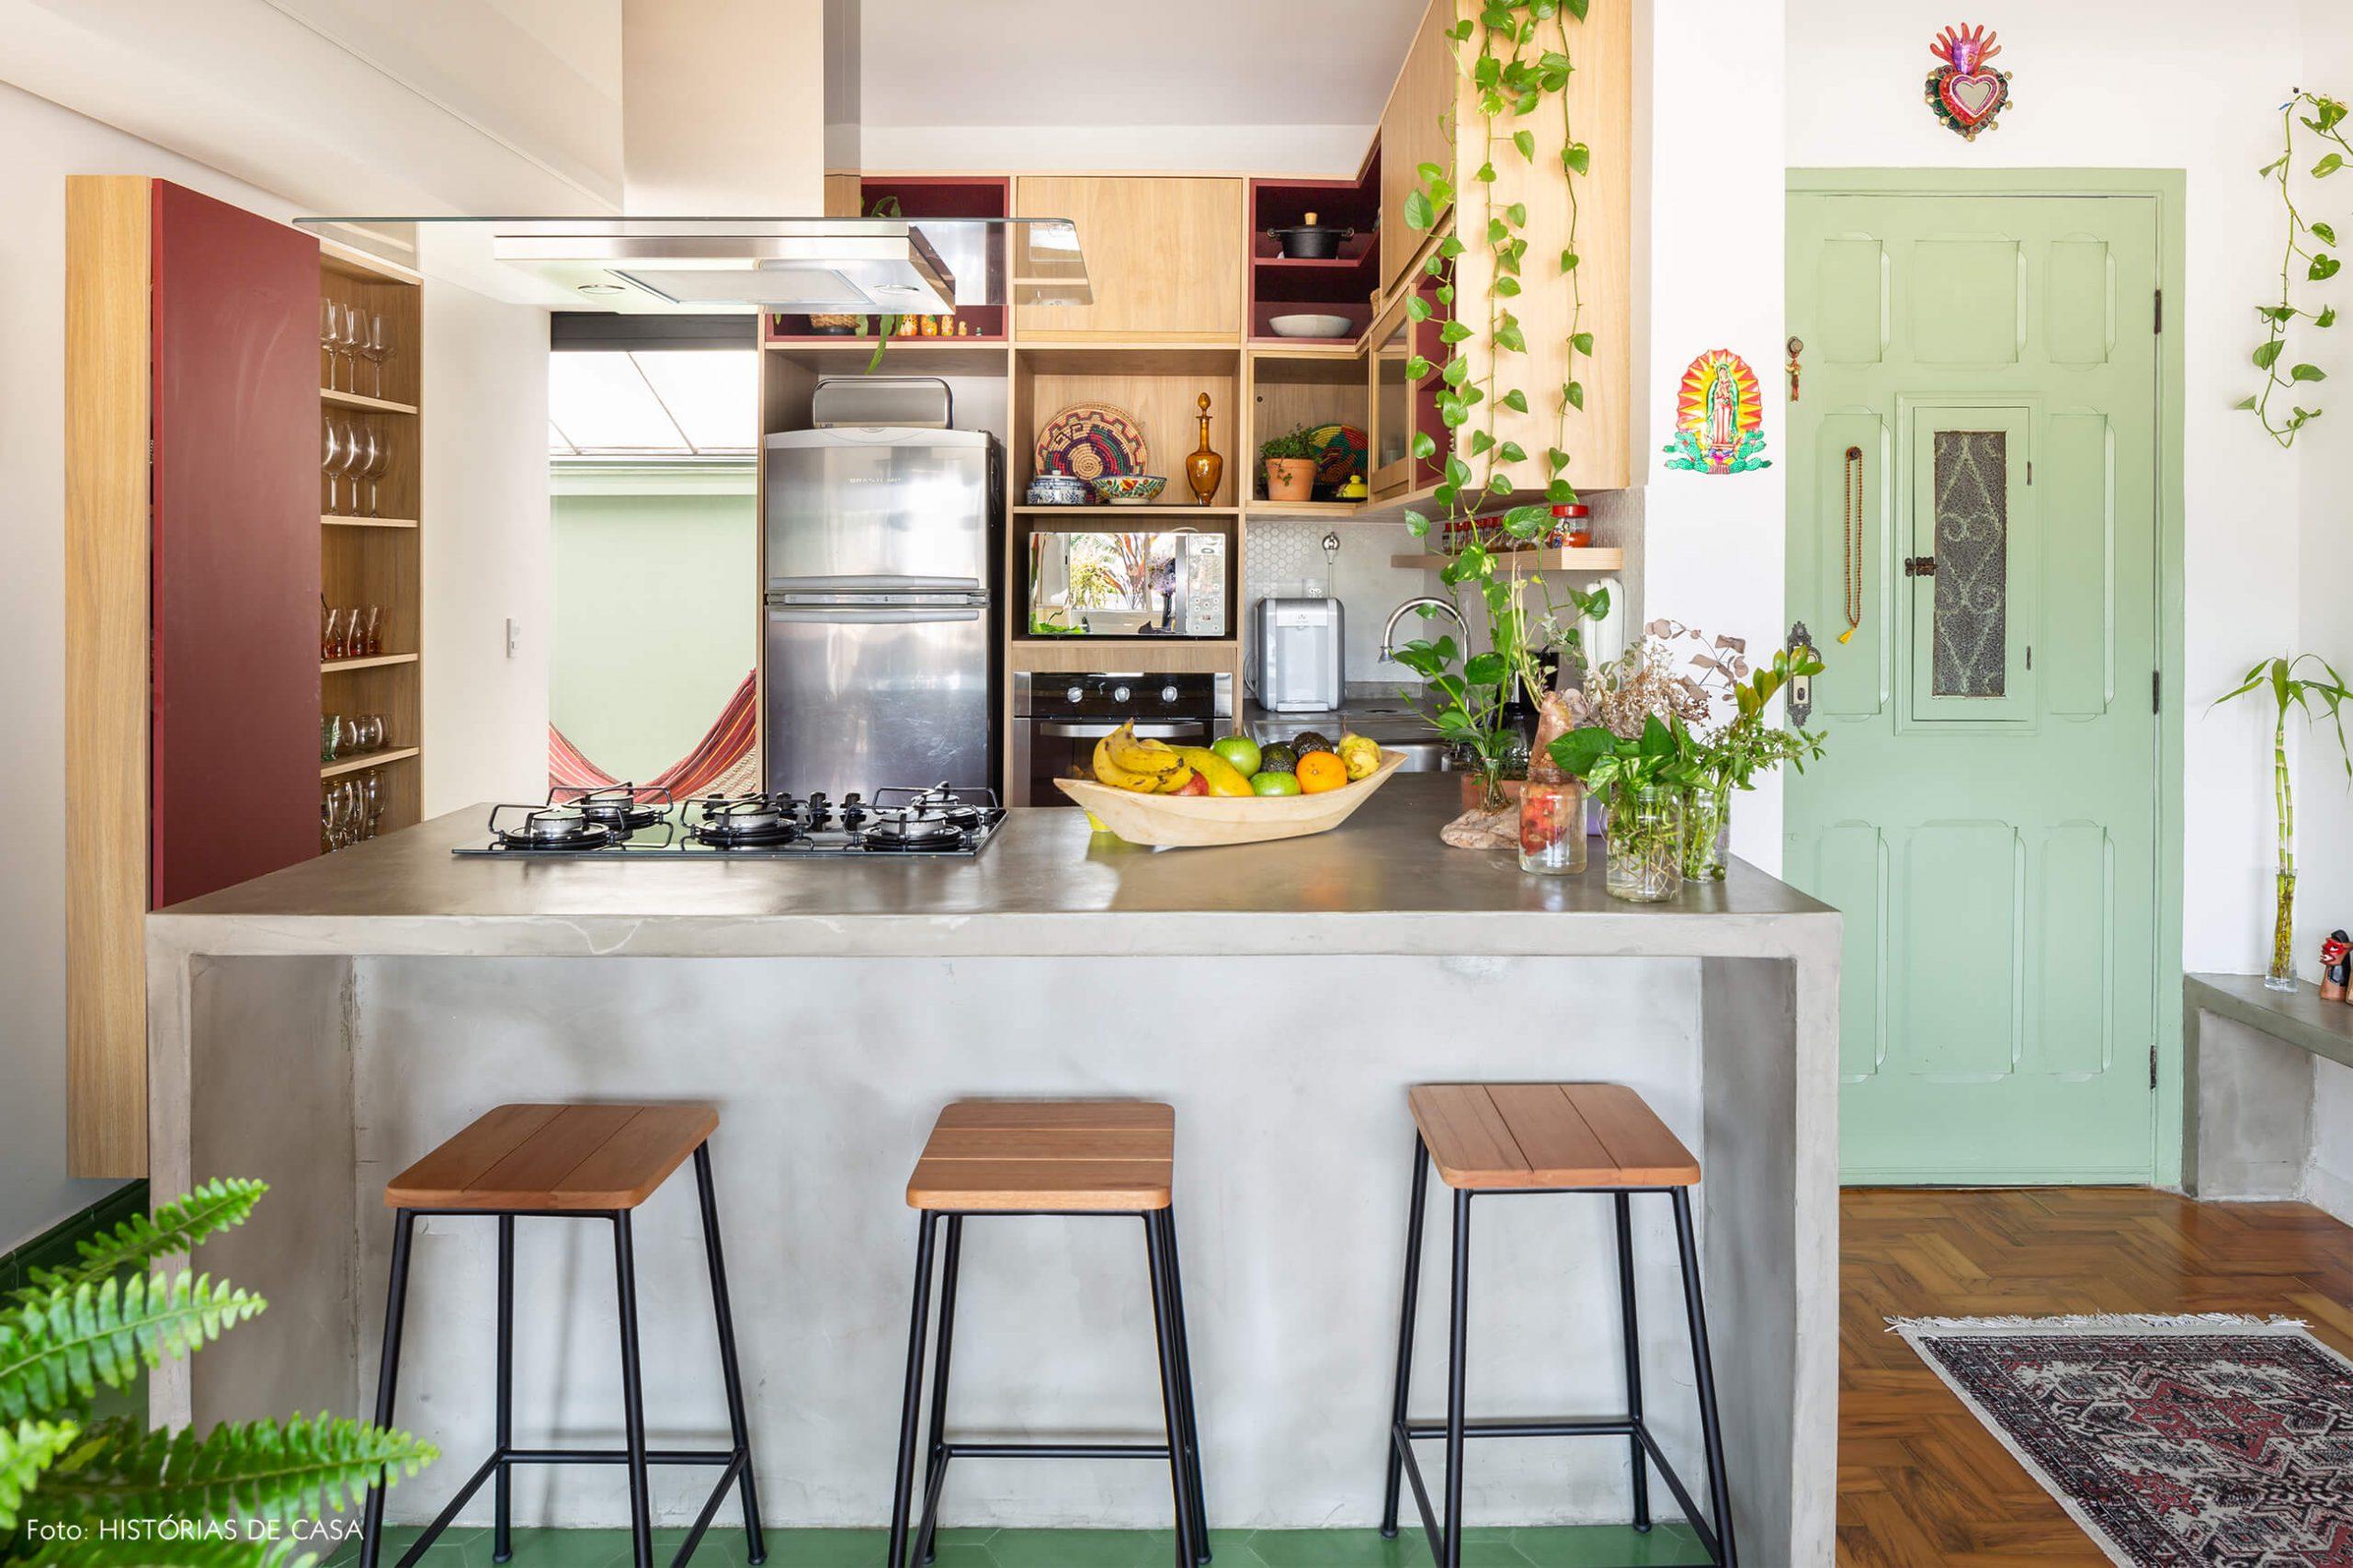 decoração cozinha com bancada e concreto e armários de madeira